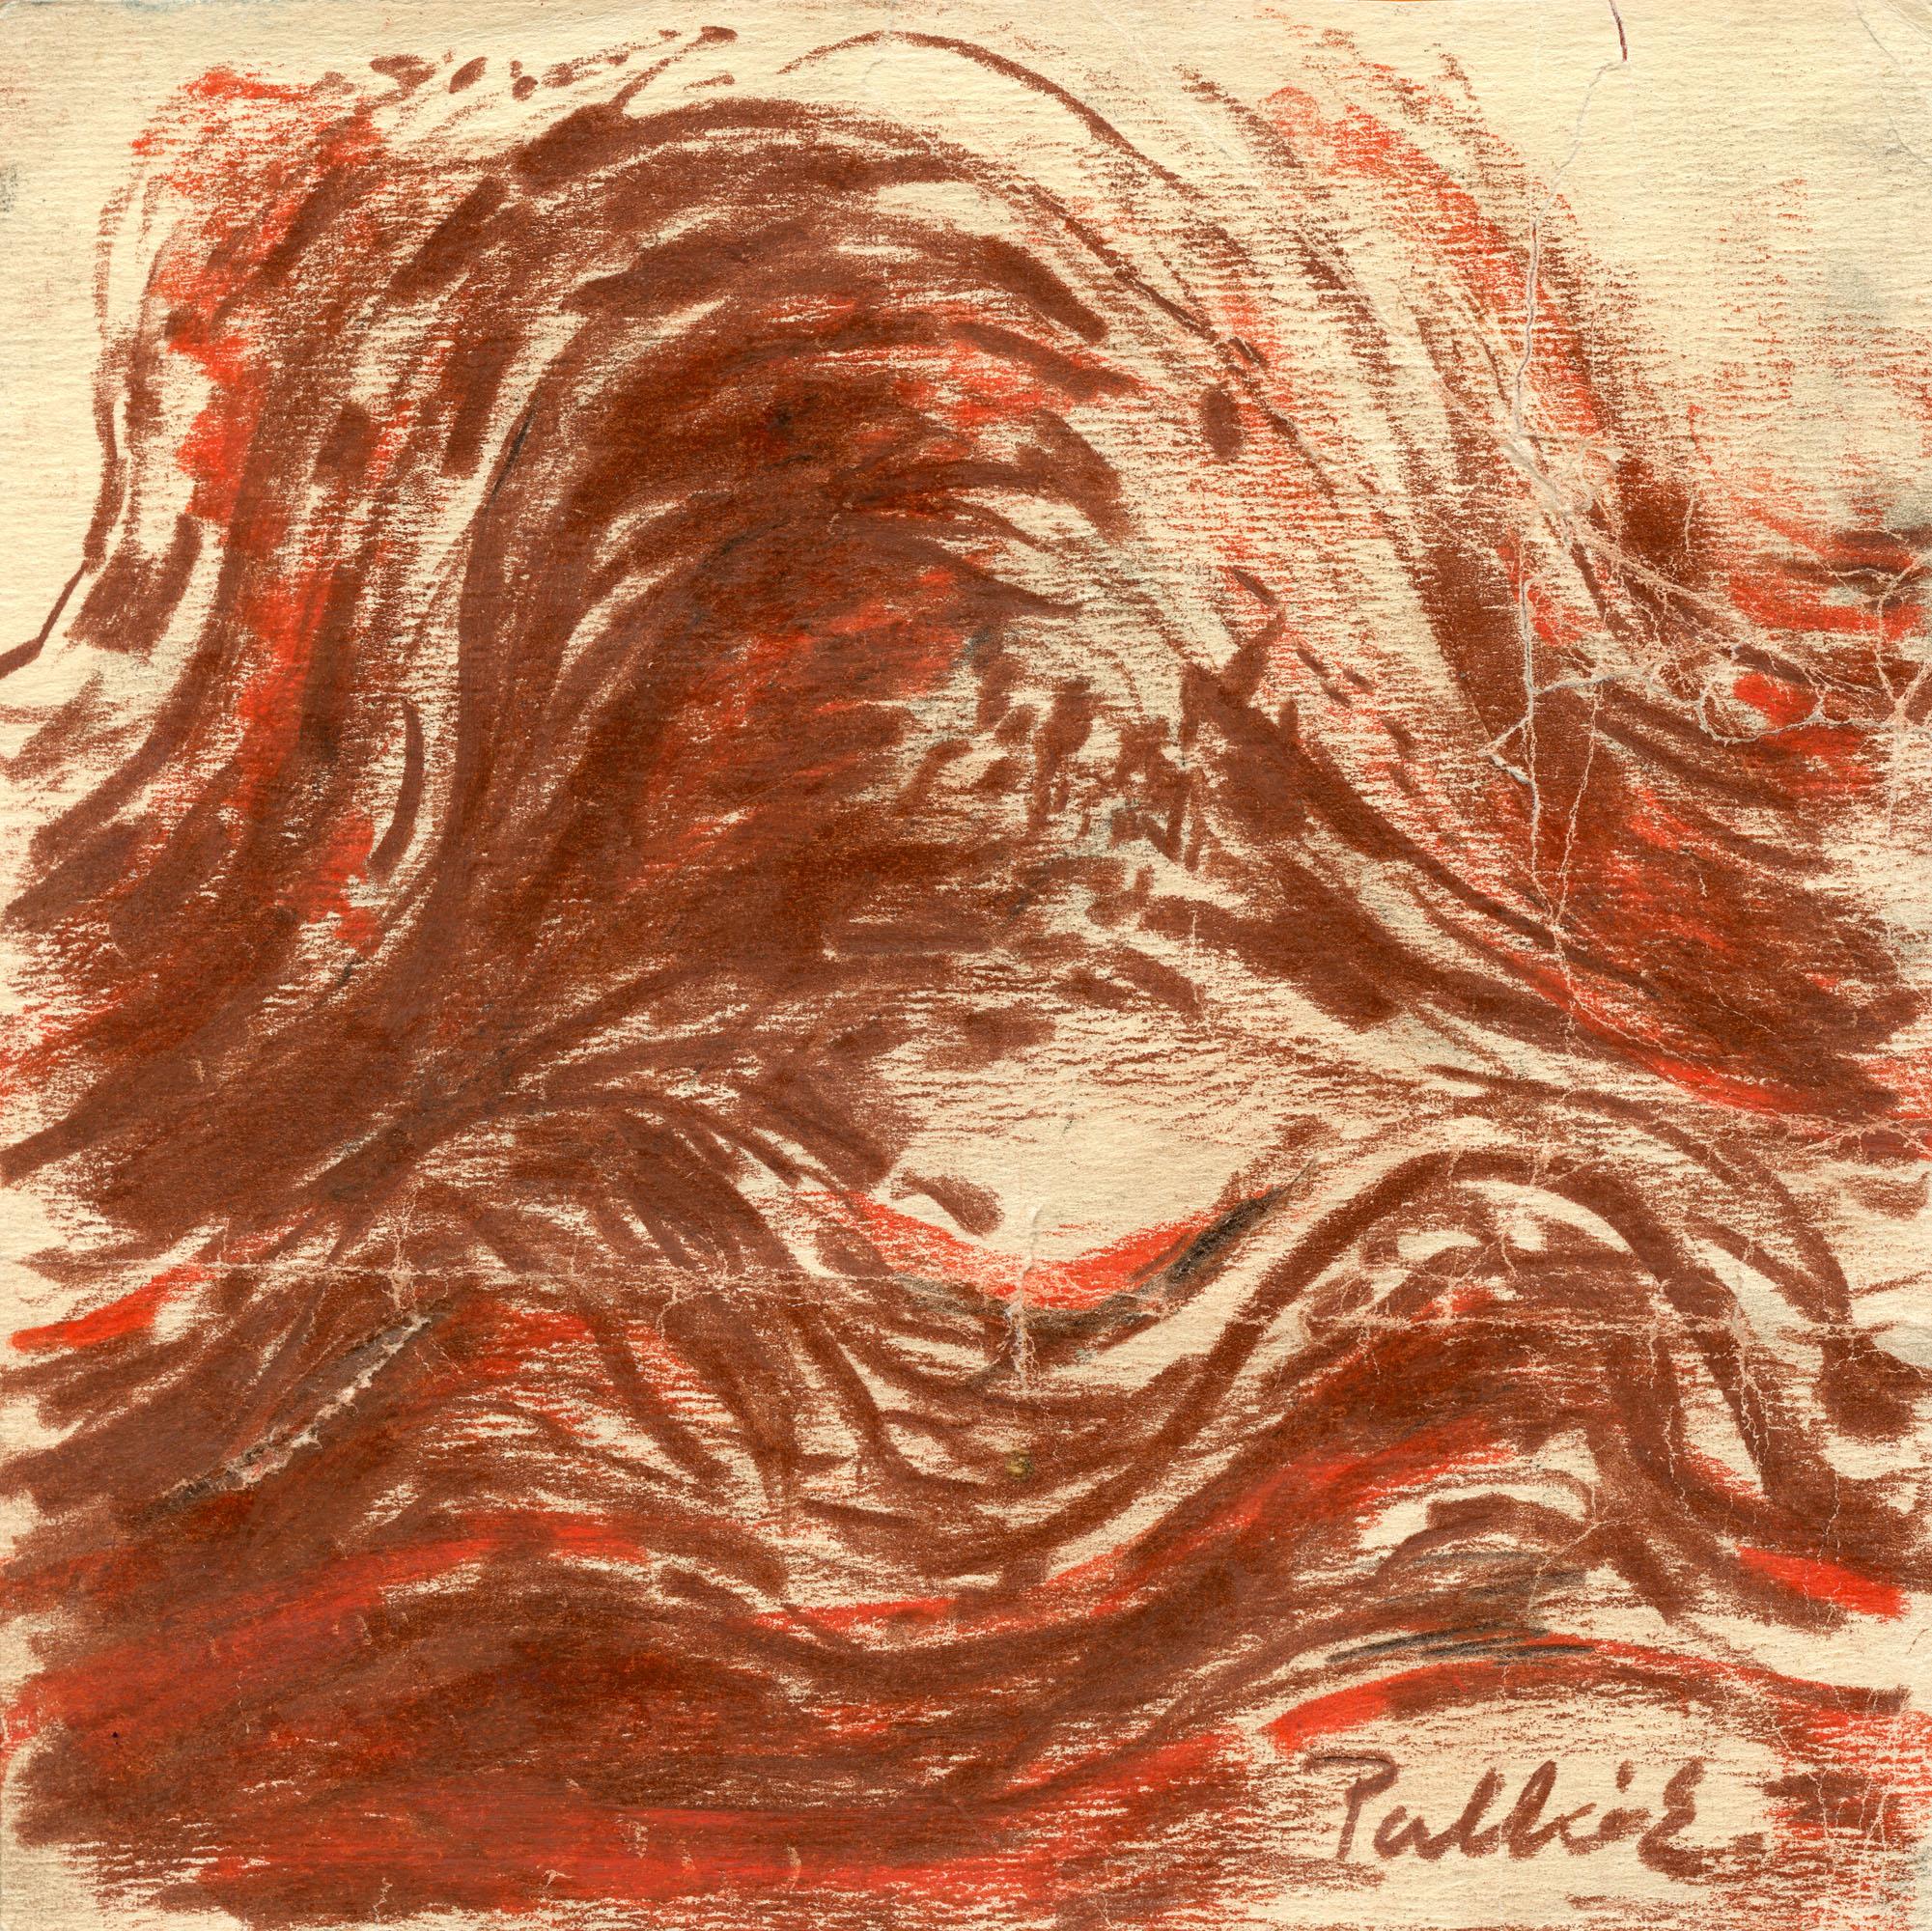 Palkó Ernő • Waving 2 • charcoal • 26×26 cm